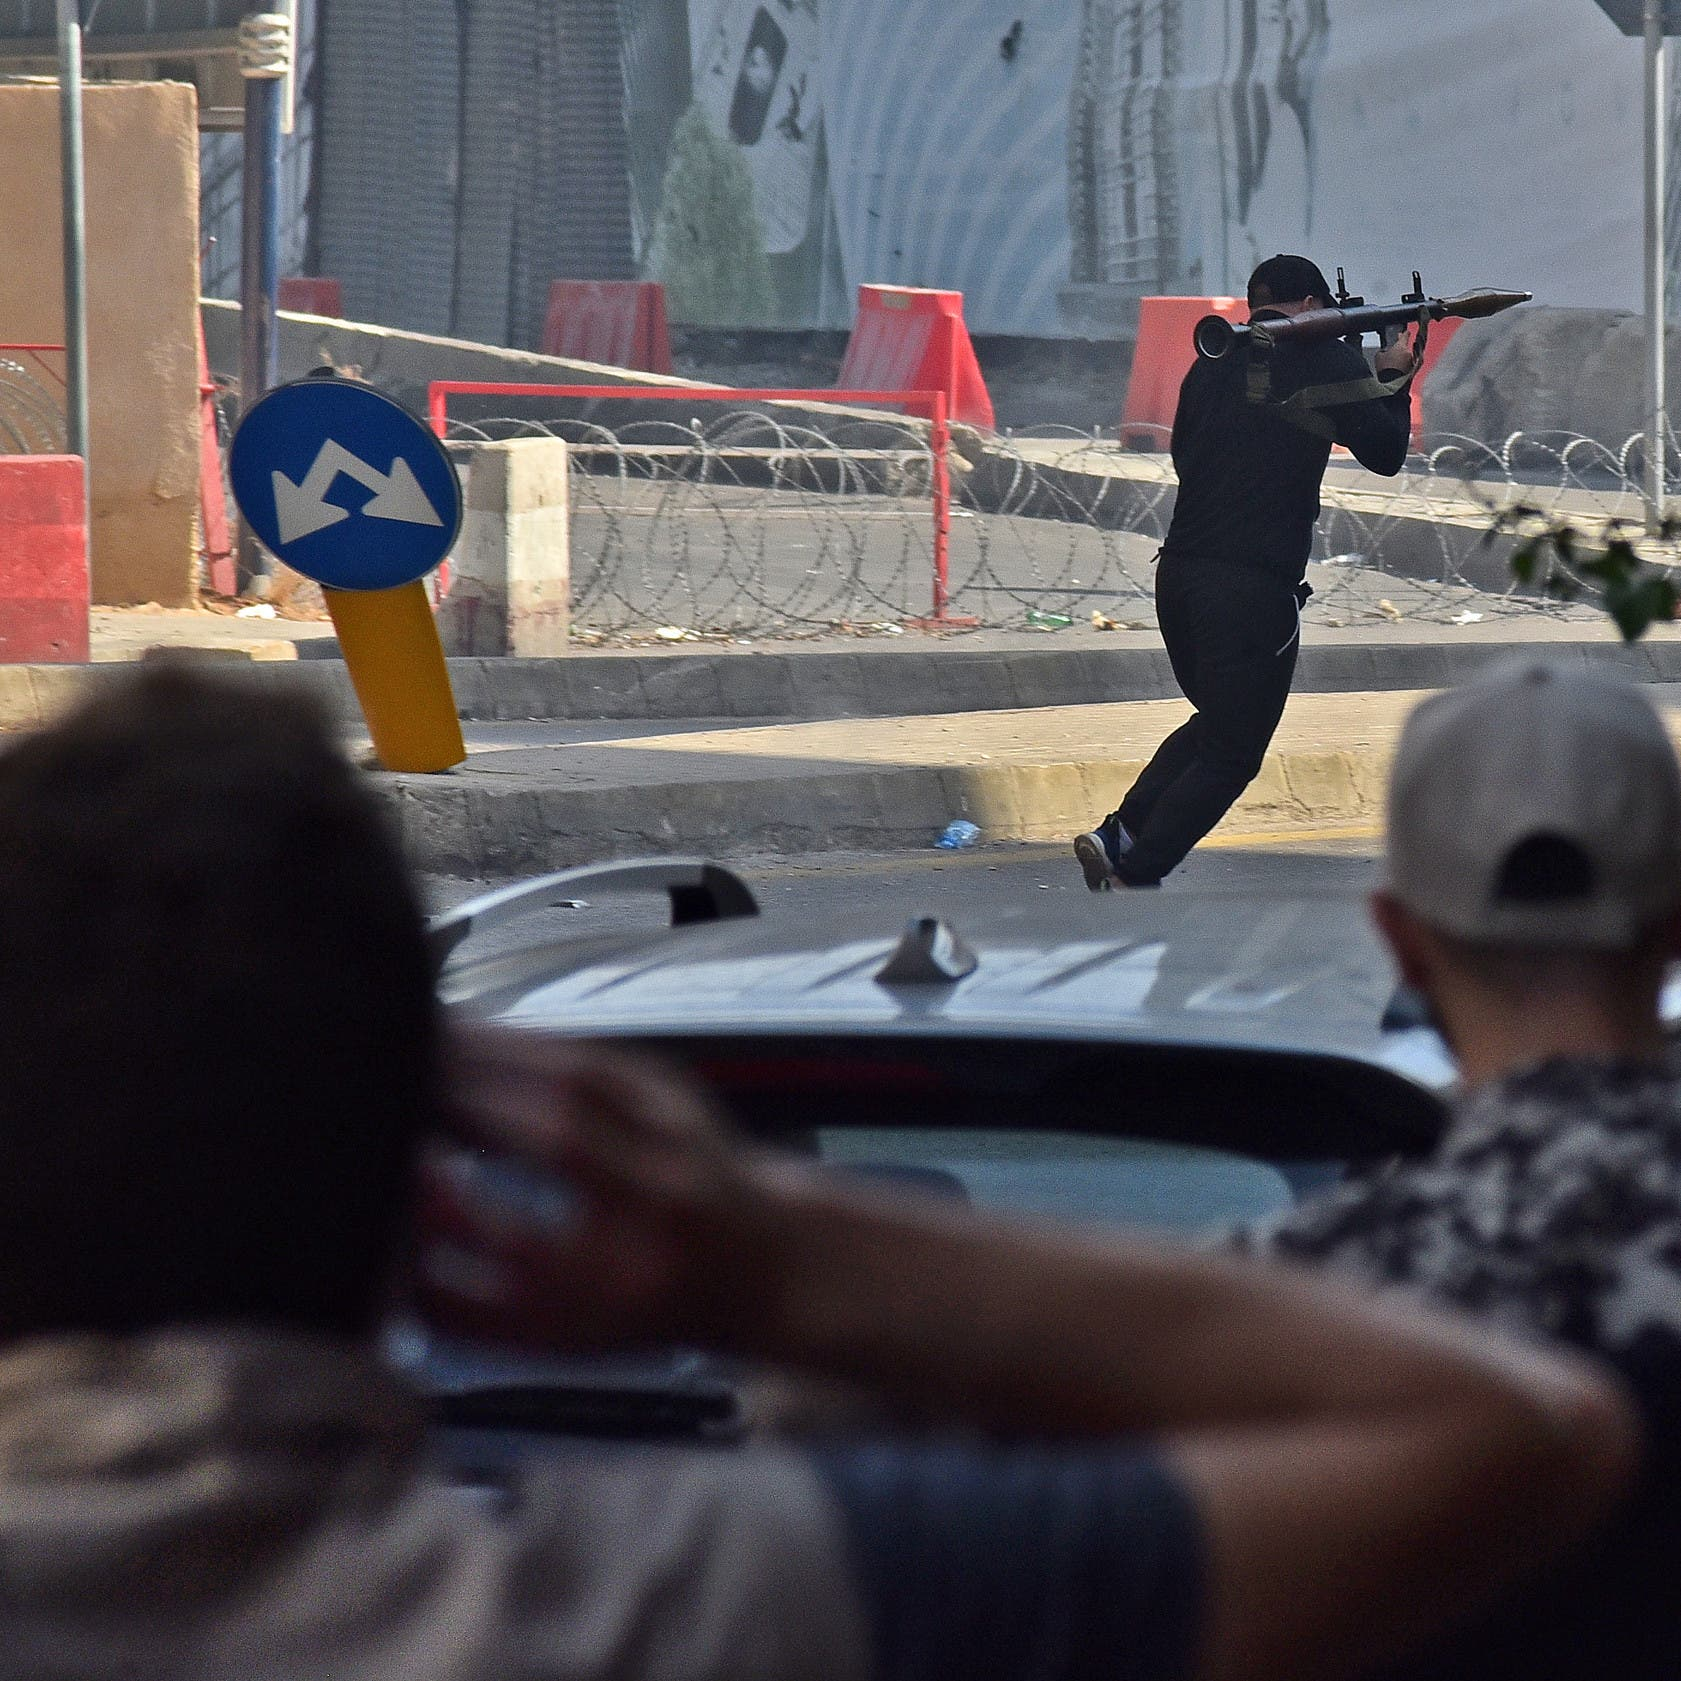 """وزير داخلية لبنان: 6 قتلى سقطوا و4 قذائف """"بي 7"""" أطلقت"""